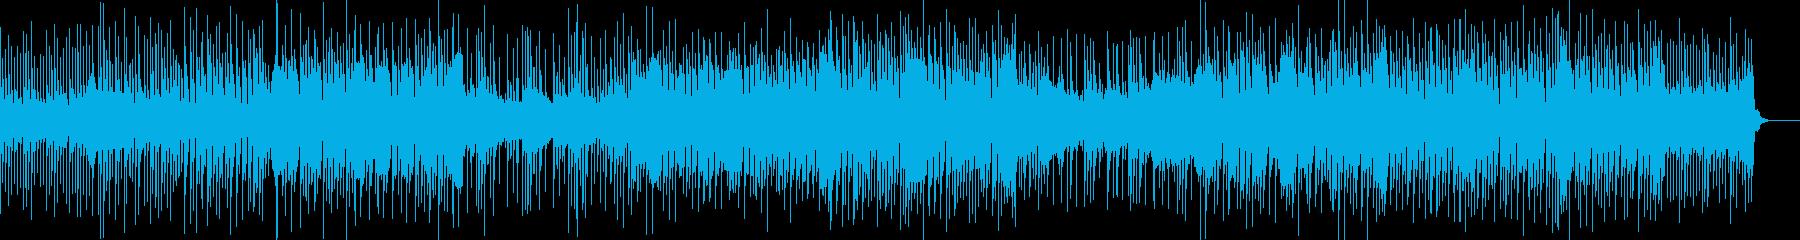 切なくも美しいメロディが印象的なBGMの再生済みの波形